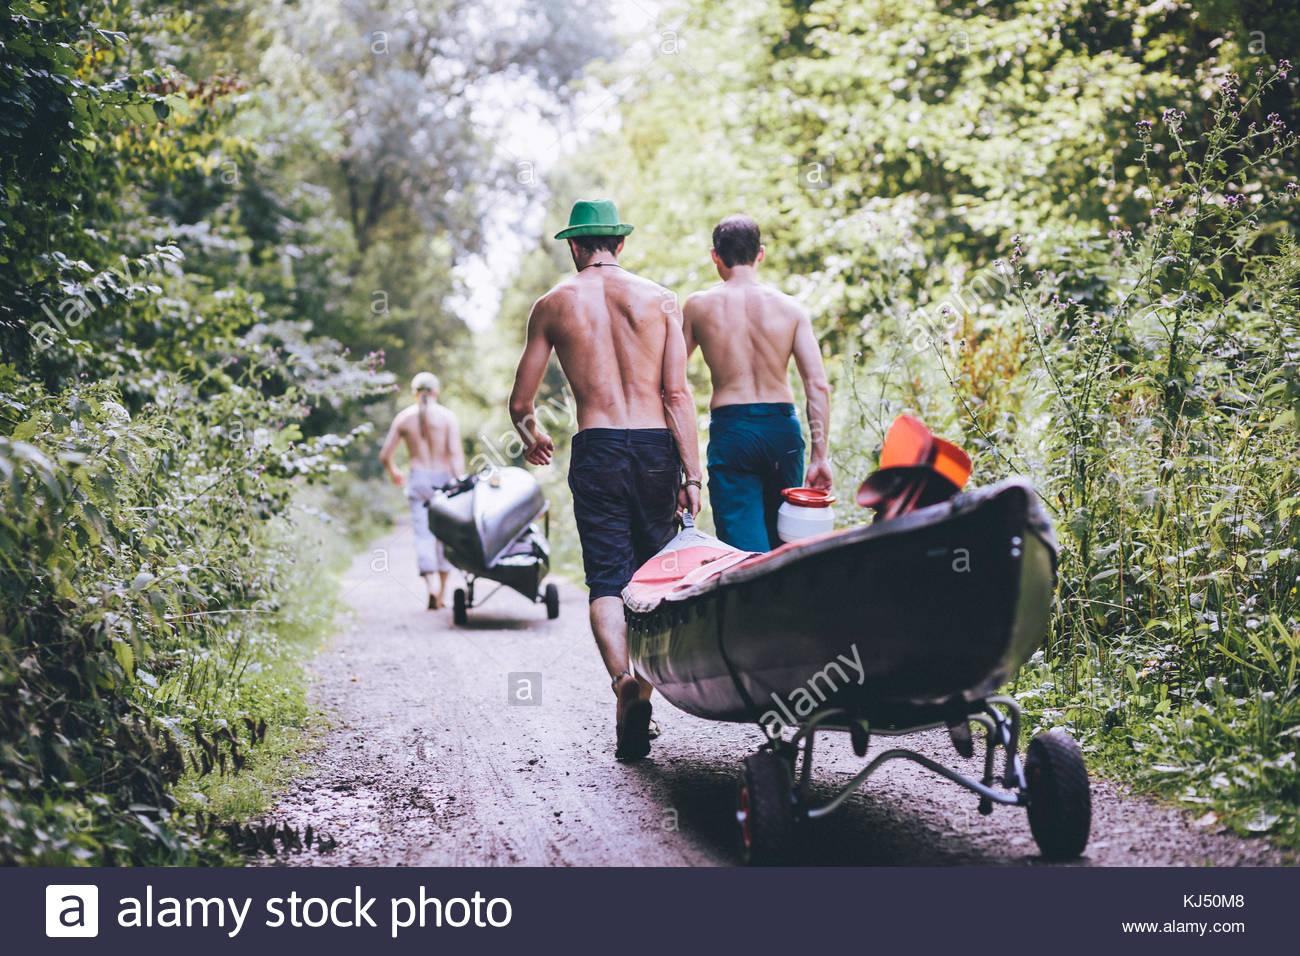 Hommes portant leur kayak à travers la forêt Photo Stock